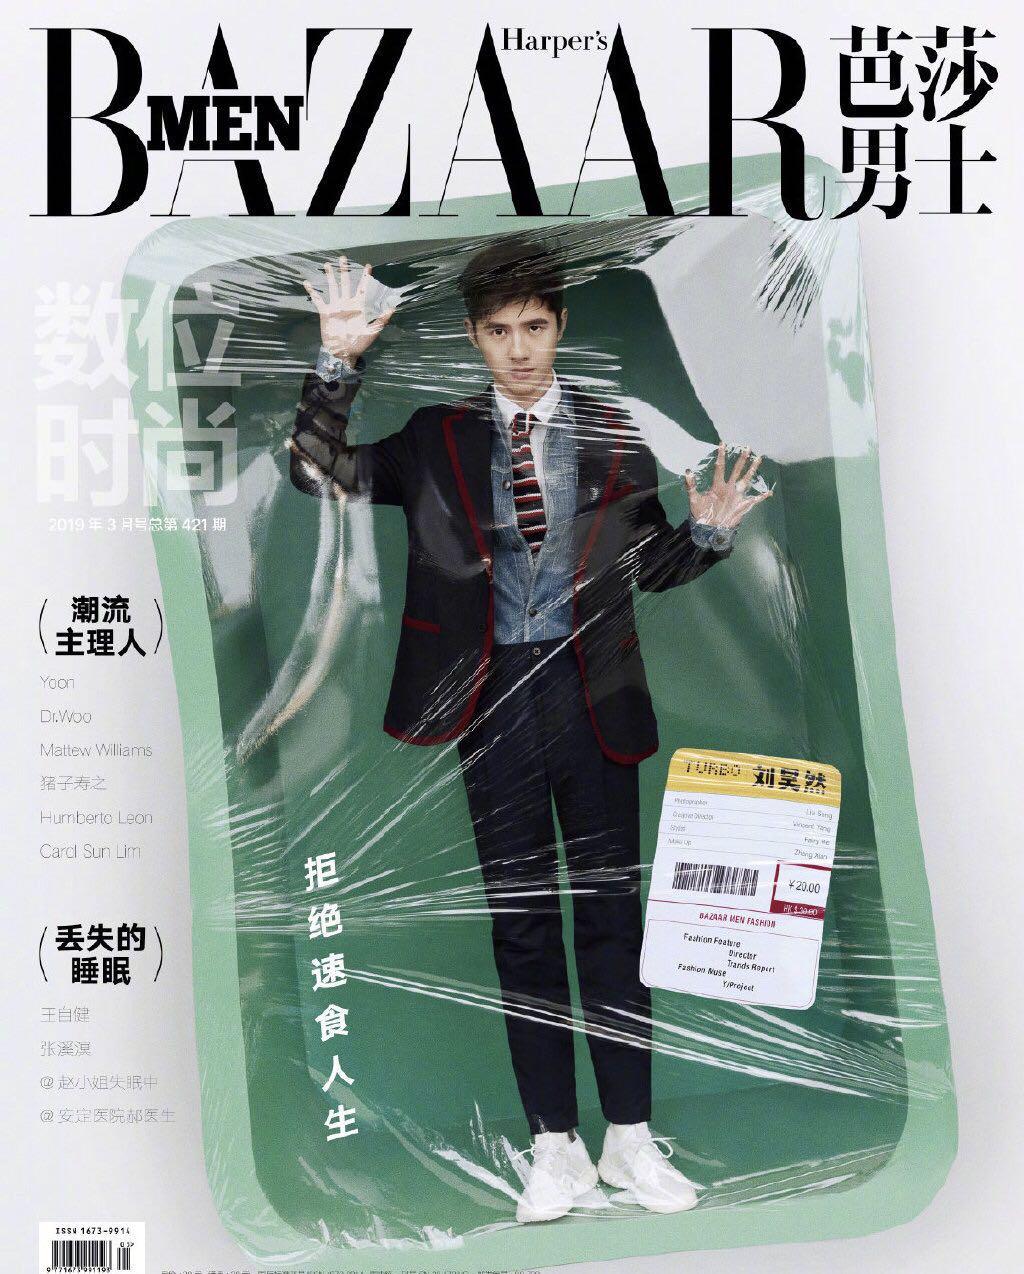 刘昊然芭莎男士封面,餐盒设计诱惑力满满却疑似抄袭?